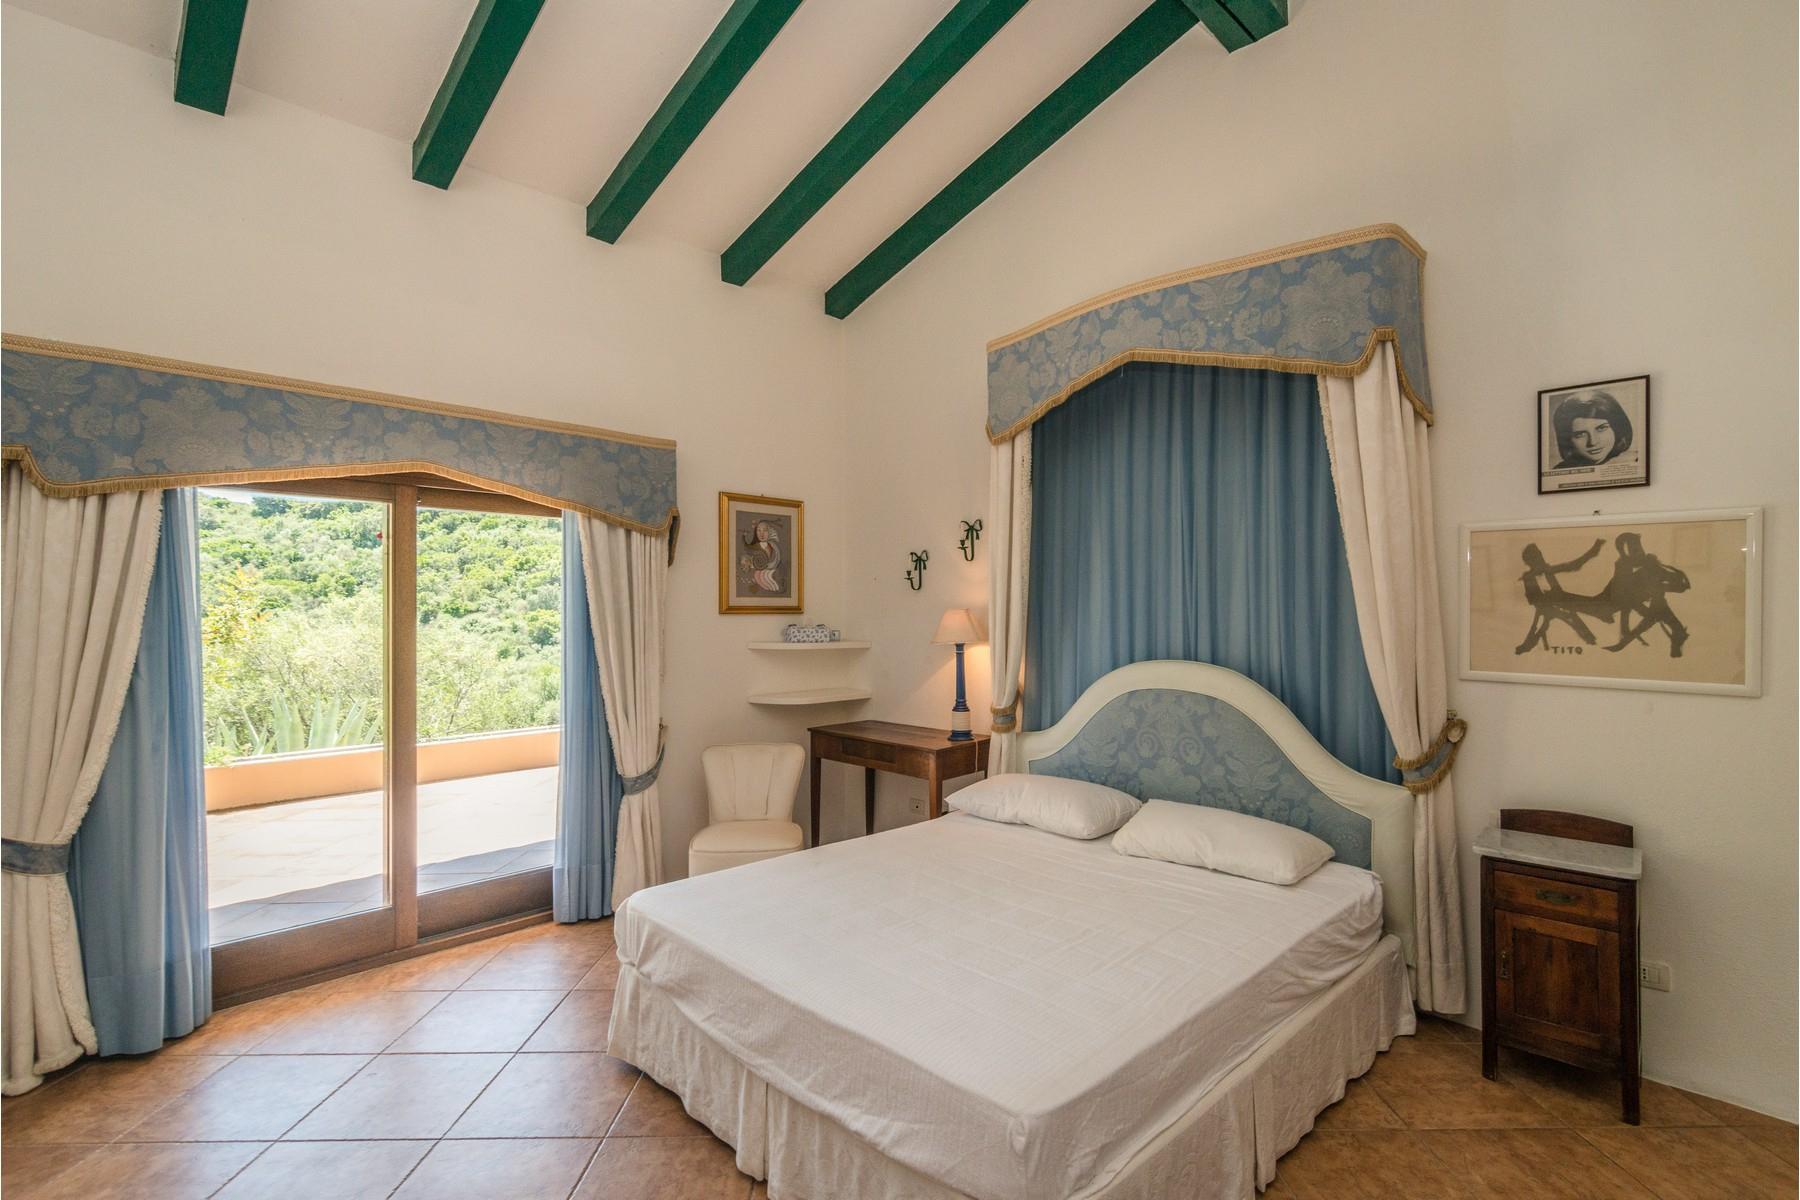 Villa in Vendita a Olbia: 5 locali, 483 mq - Foto 17